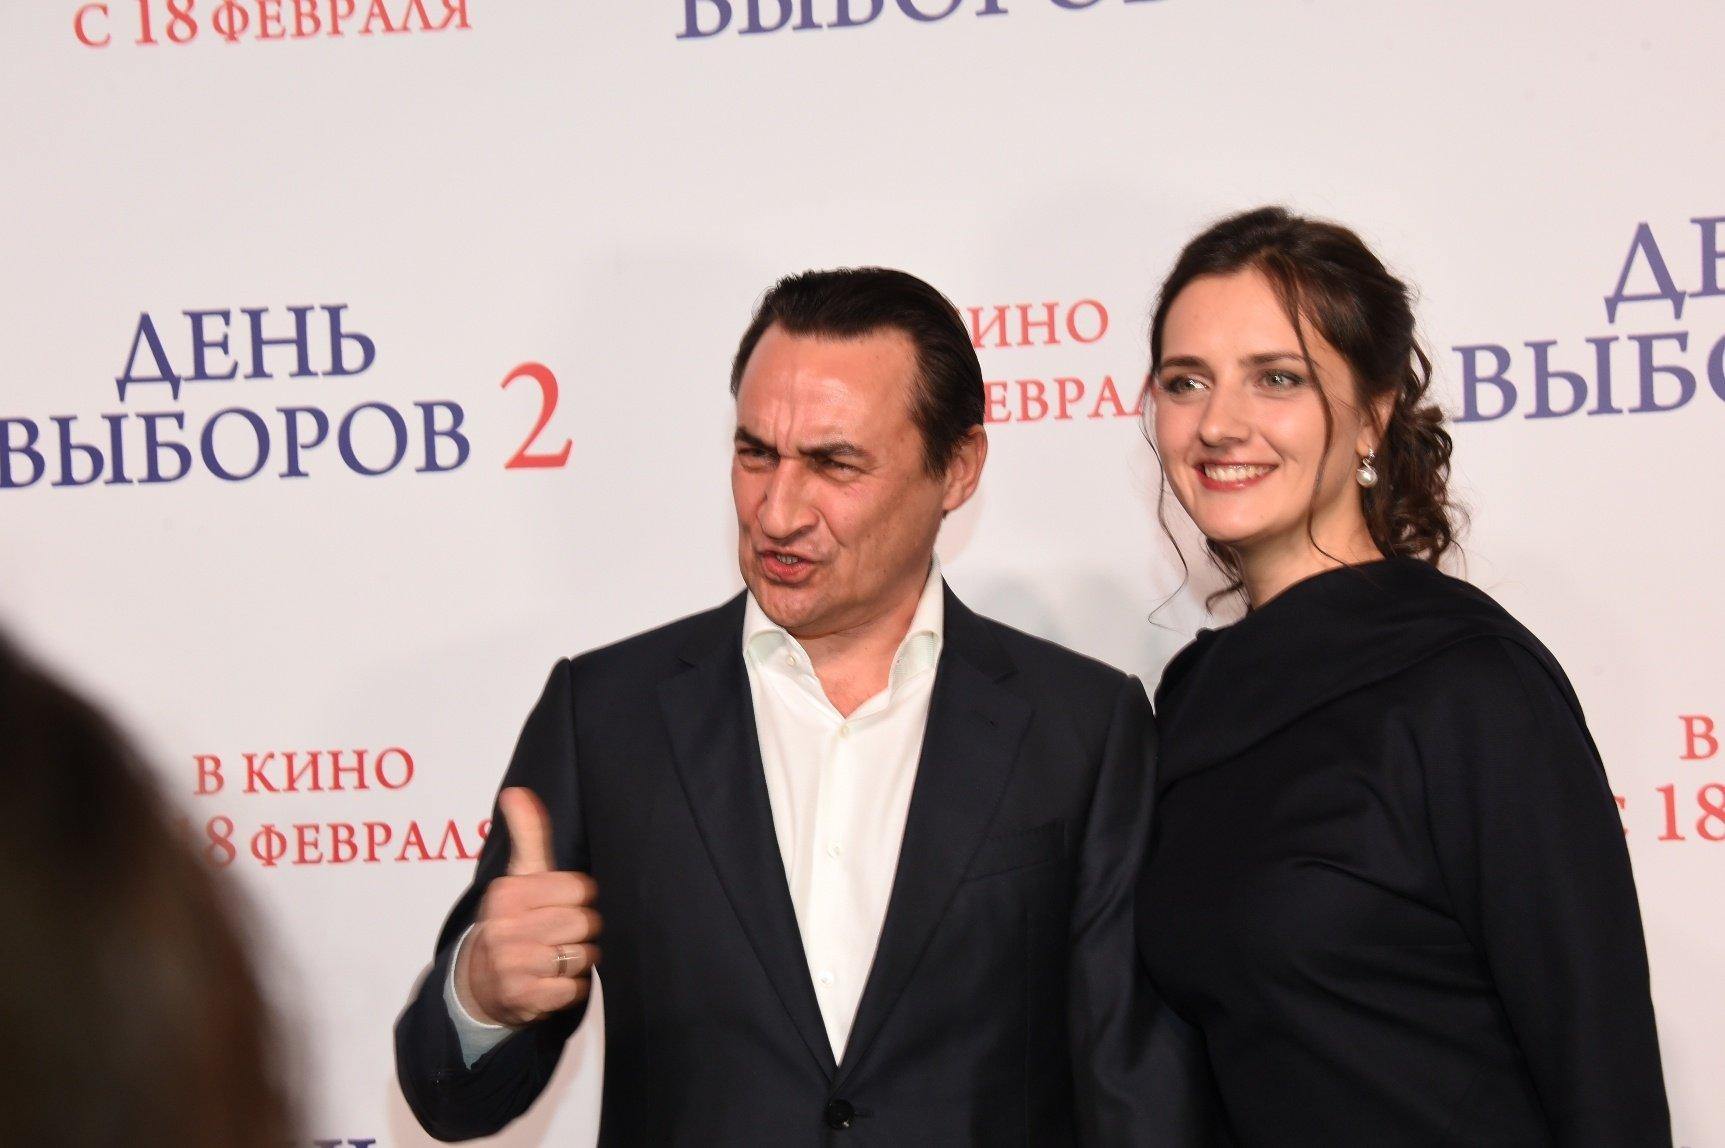 """Гламурно одетые гости на предпоказе фильма """"День выборов 2"""""""